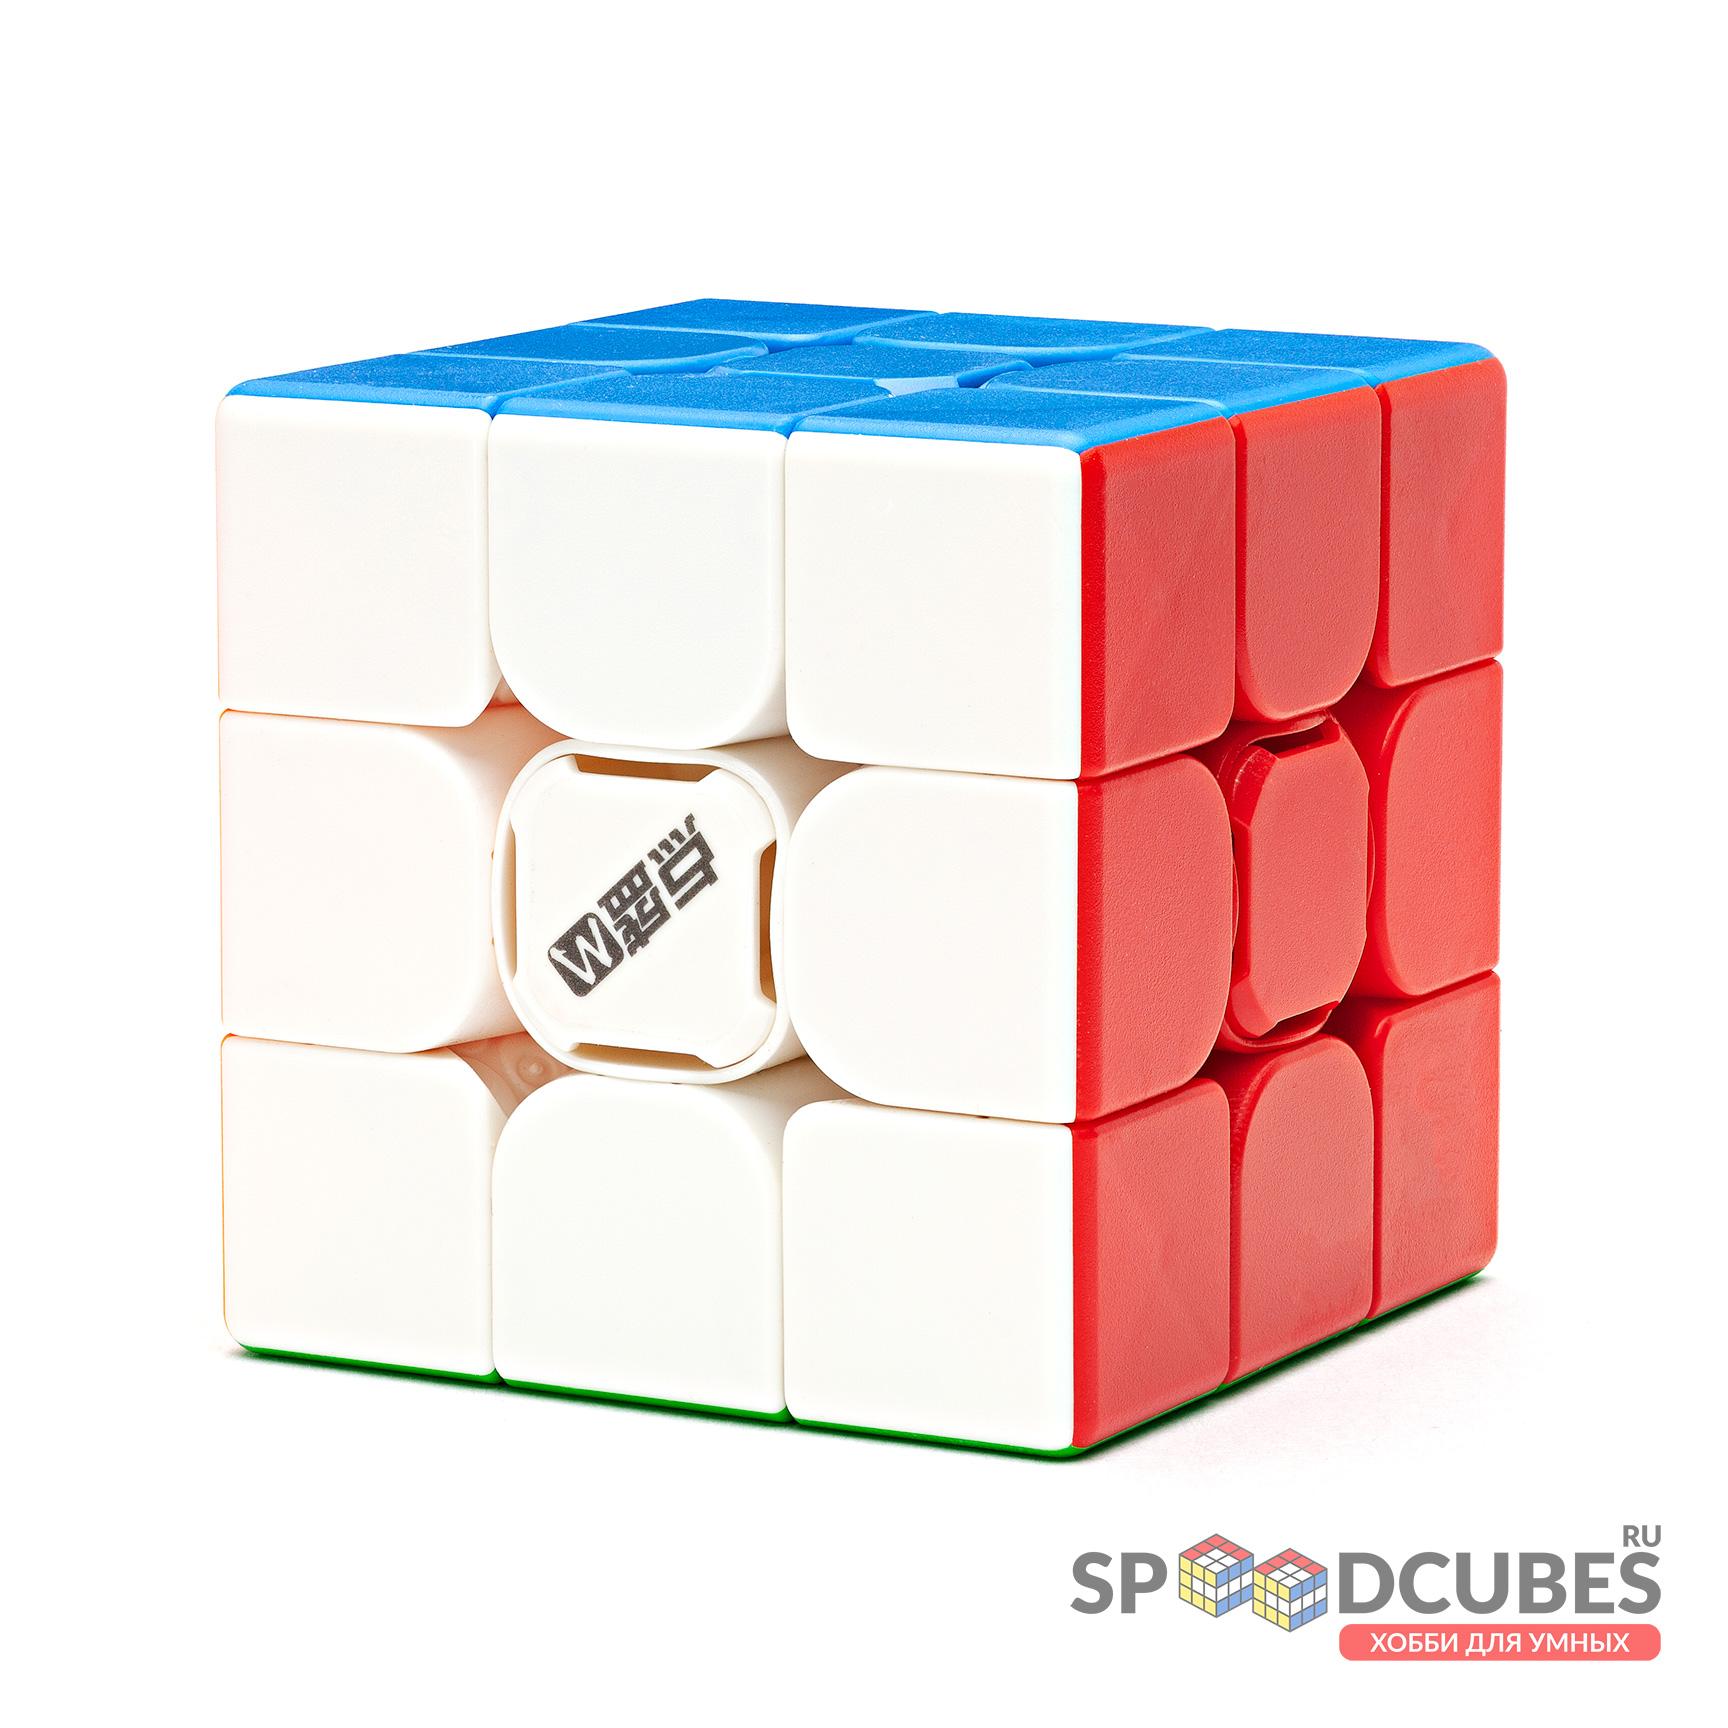 DianSheng 3x3 M